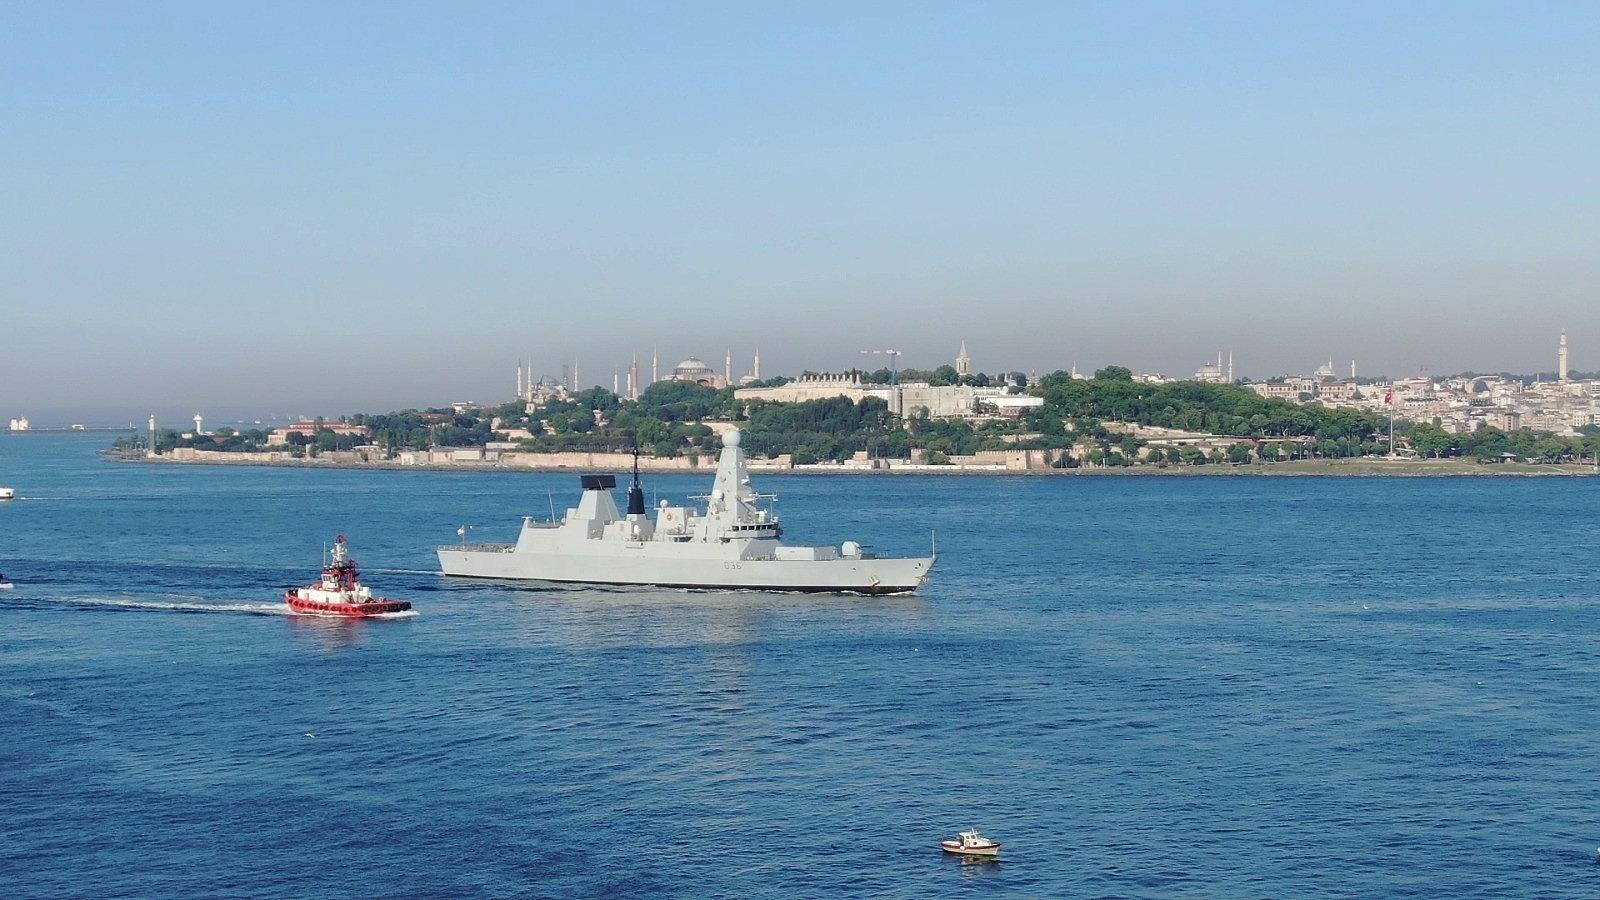 2021/06/ingiliz-savas-gemisi-sarayburnuna-demirledi-20210609AW34-2.jpg